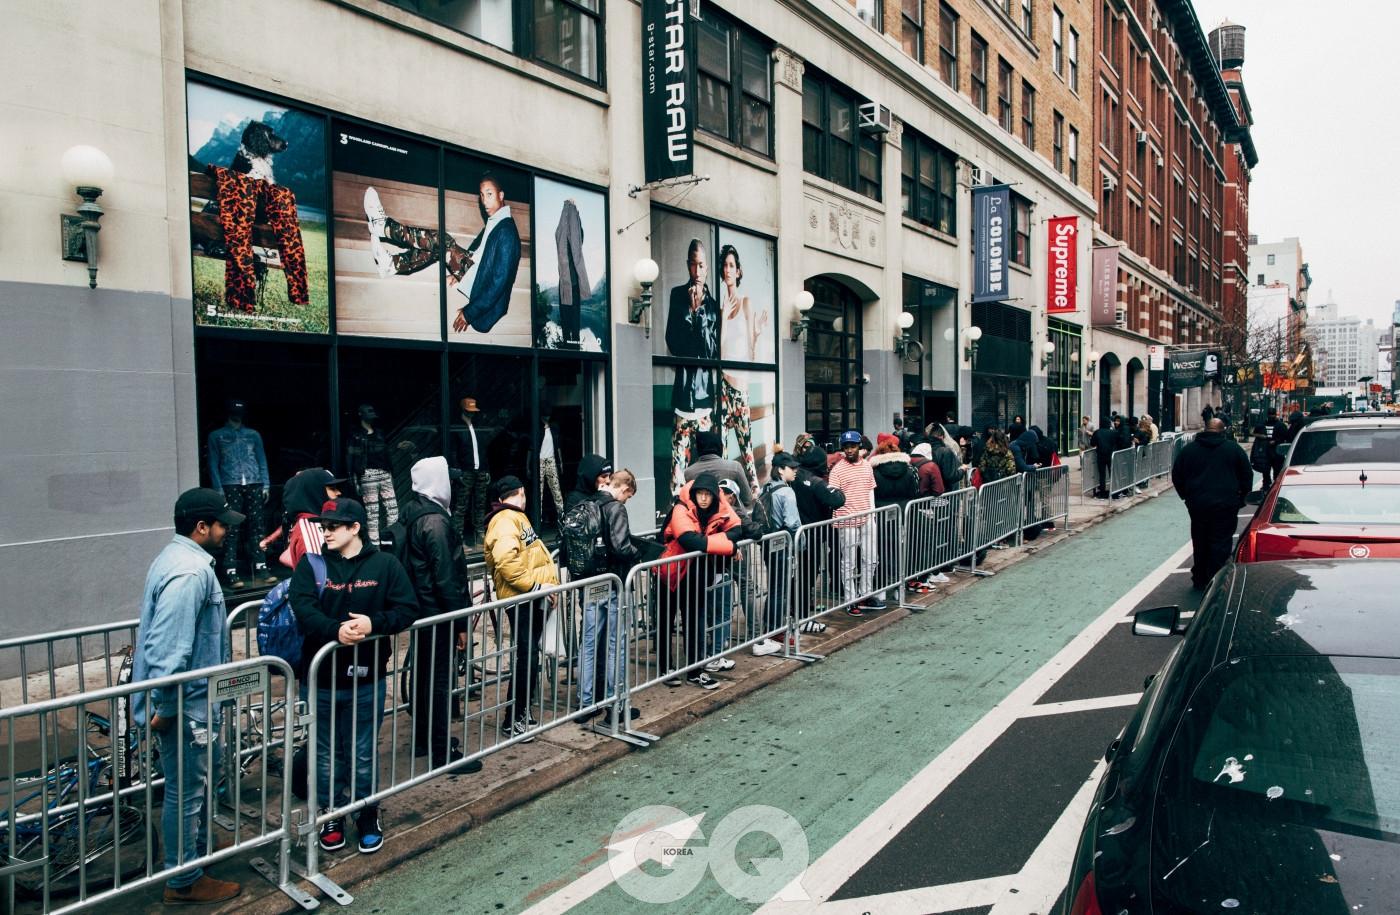 뉴욕 라파예트 가에서 슈프림 신제품을 기다리며 줄 선 사람들. 2017년 2월.